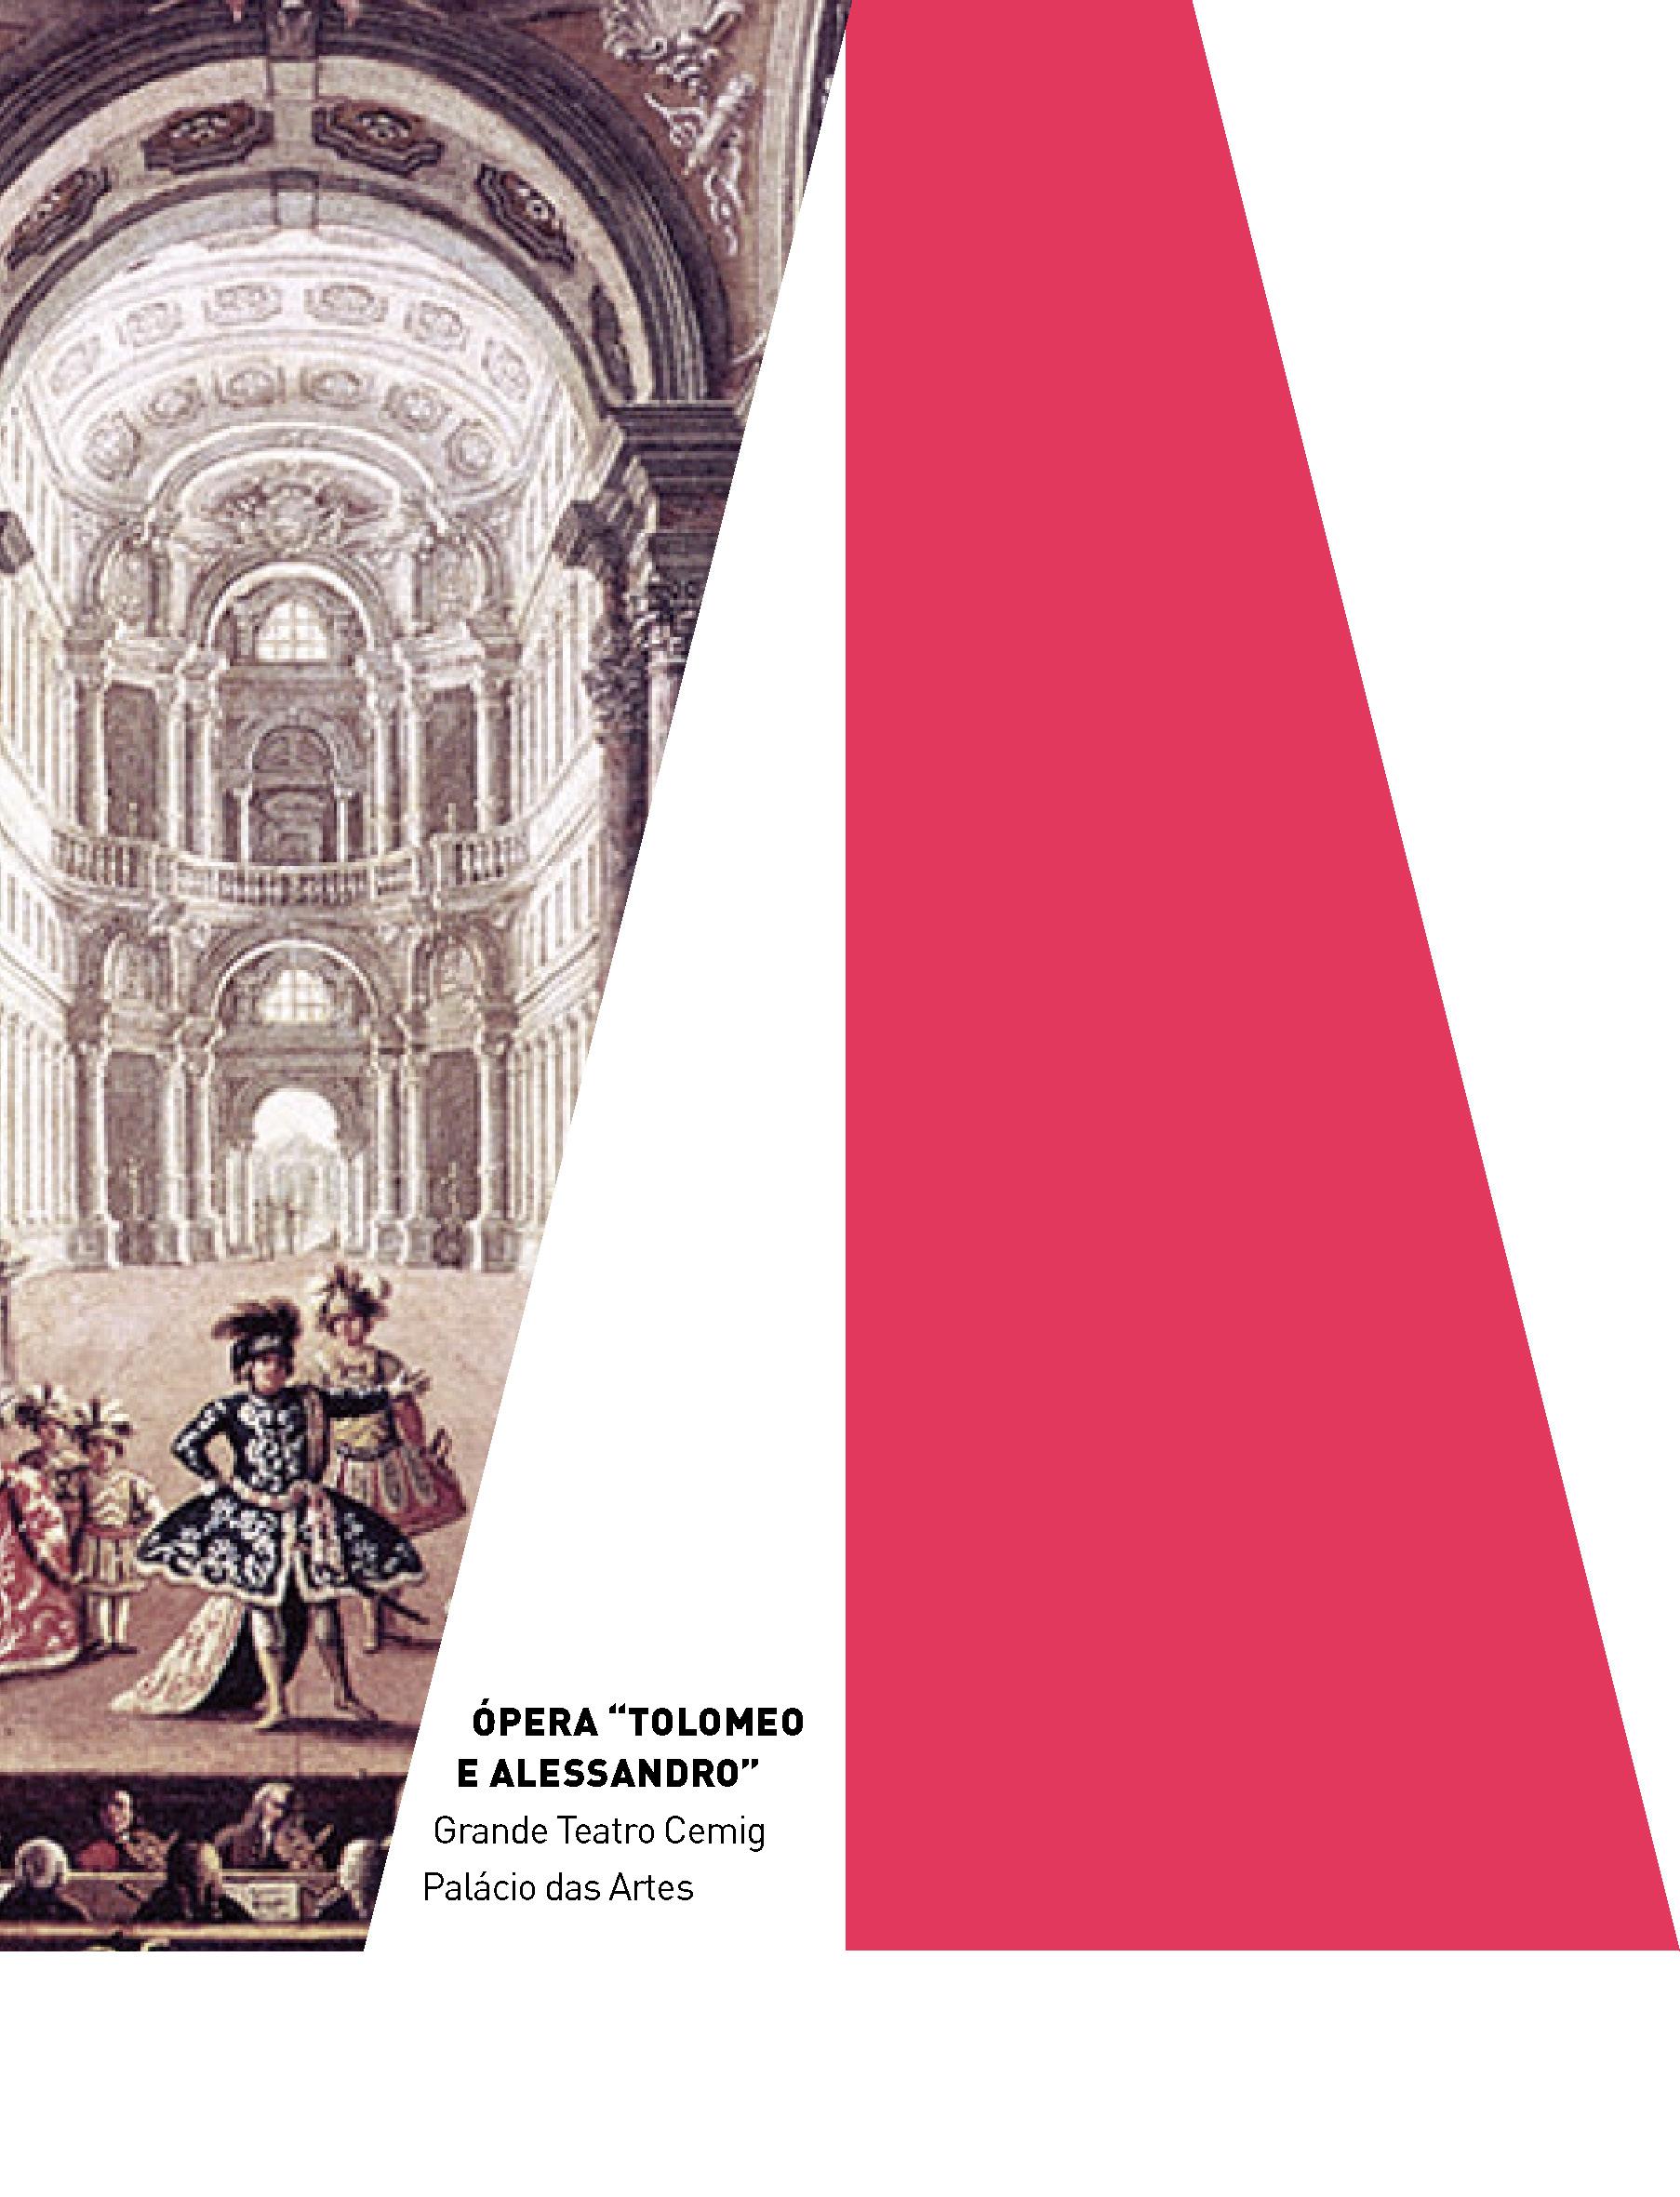 Evento: Ópera Tolomeo e Alessandro será encenada pela primeira vez na América